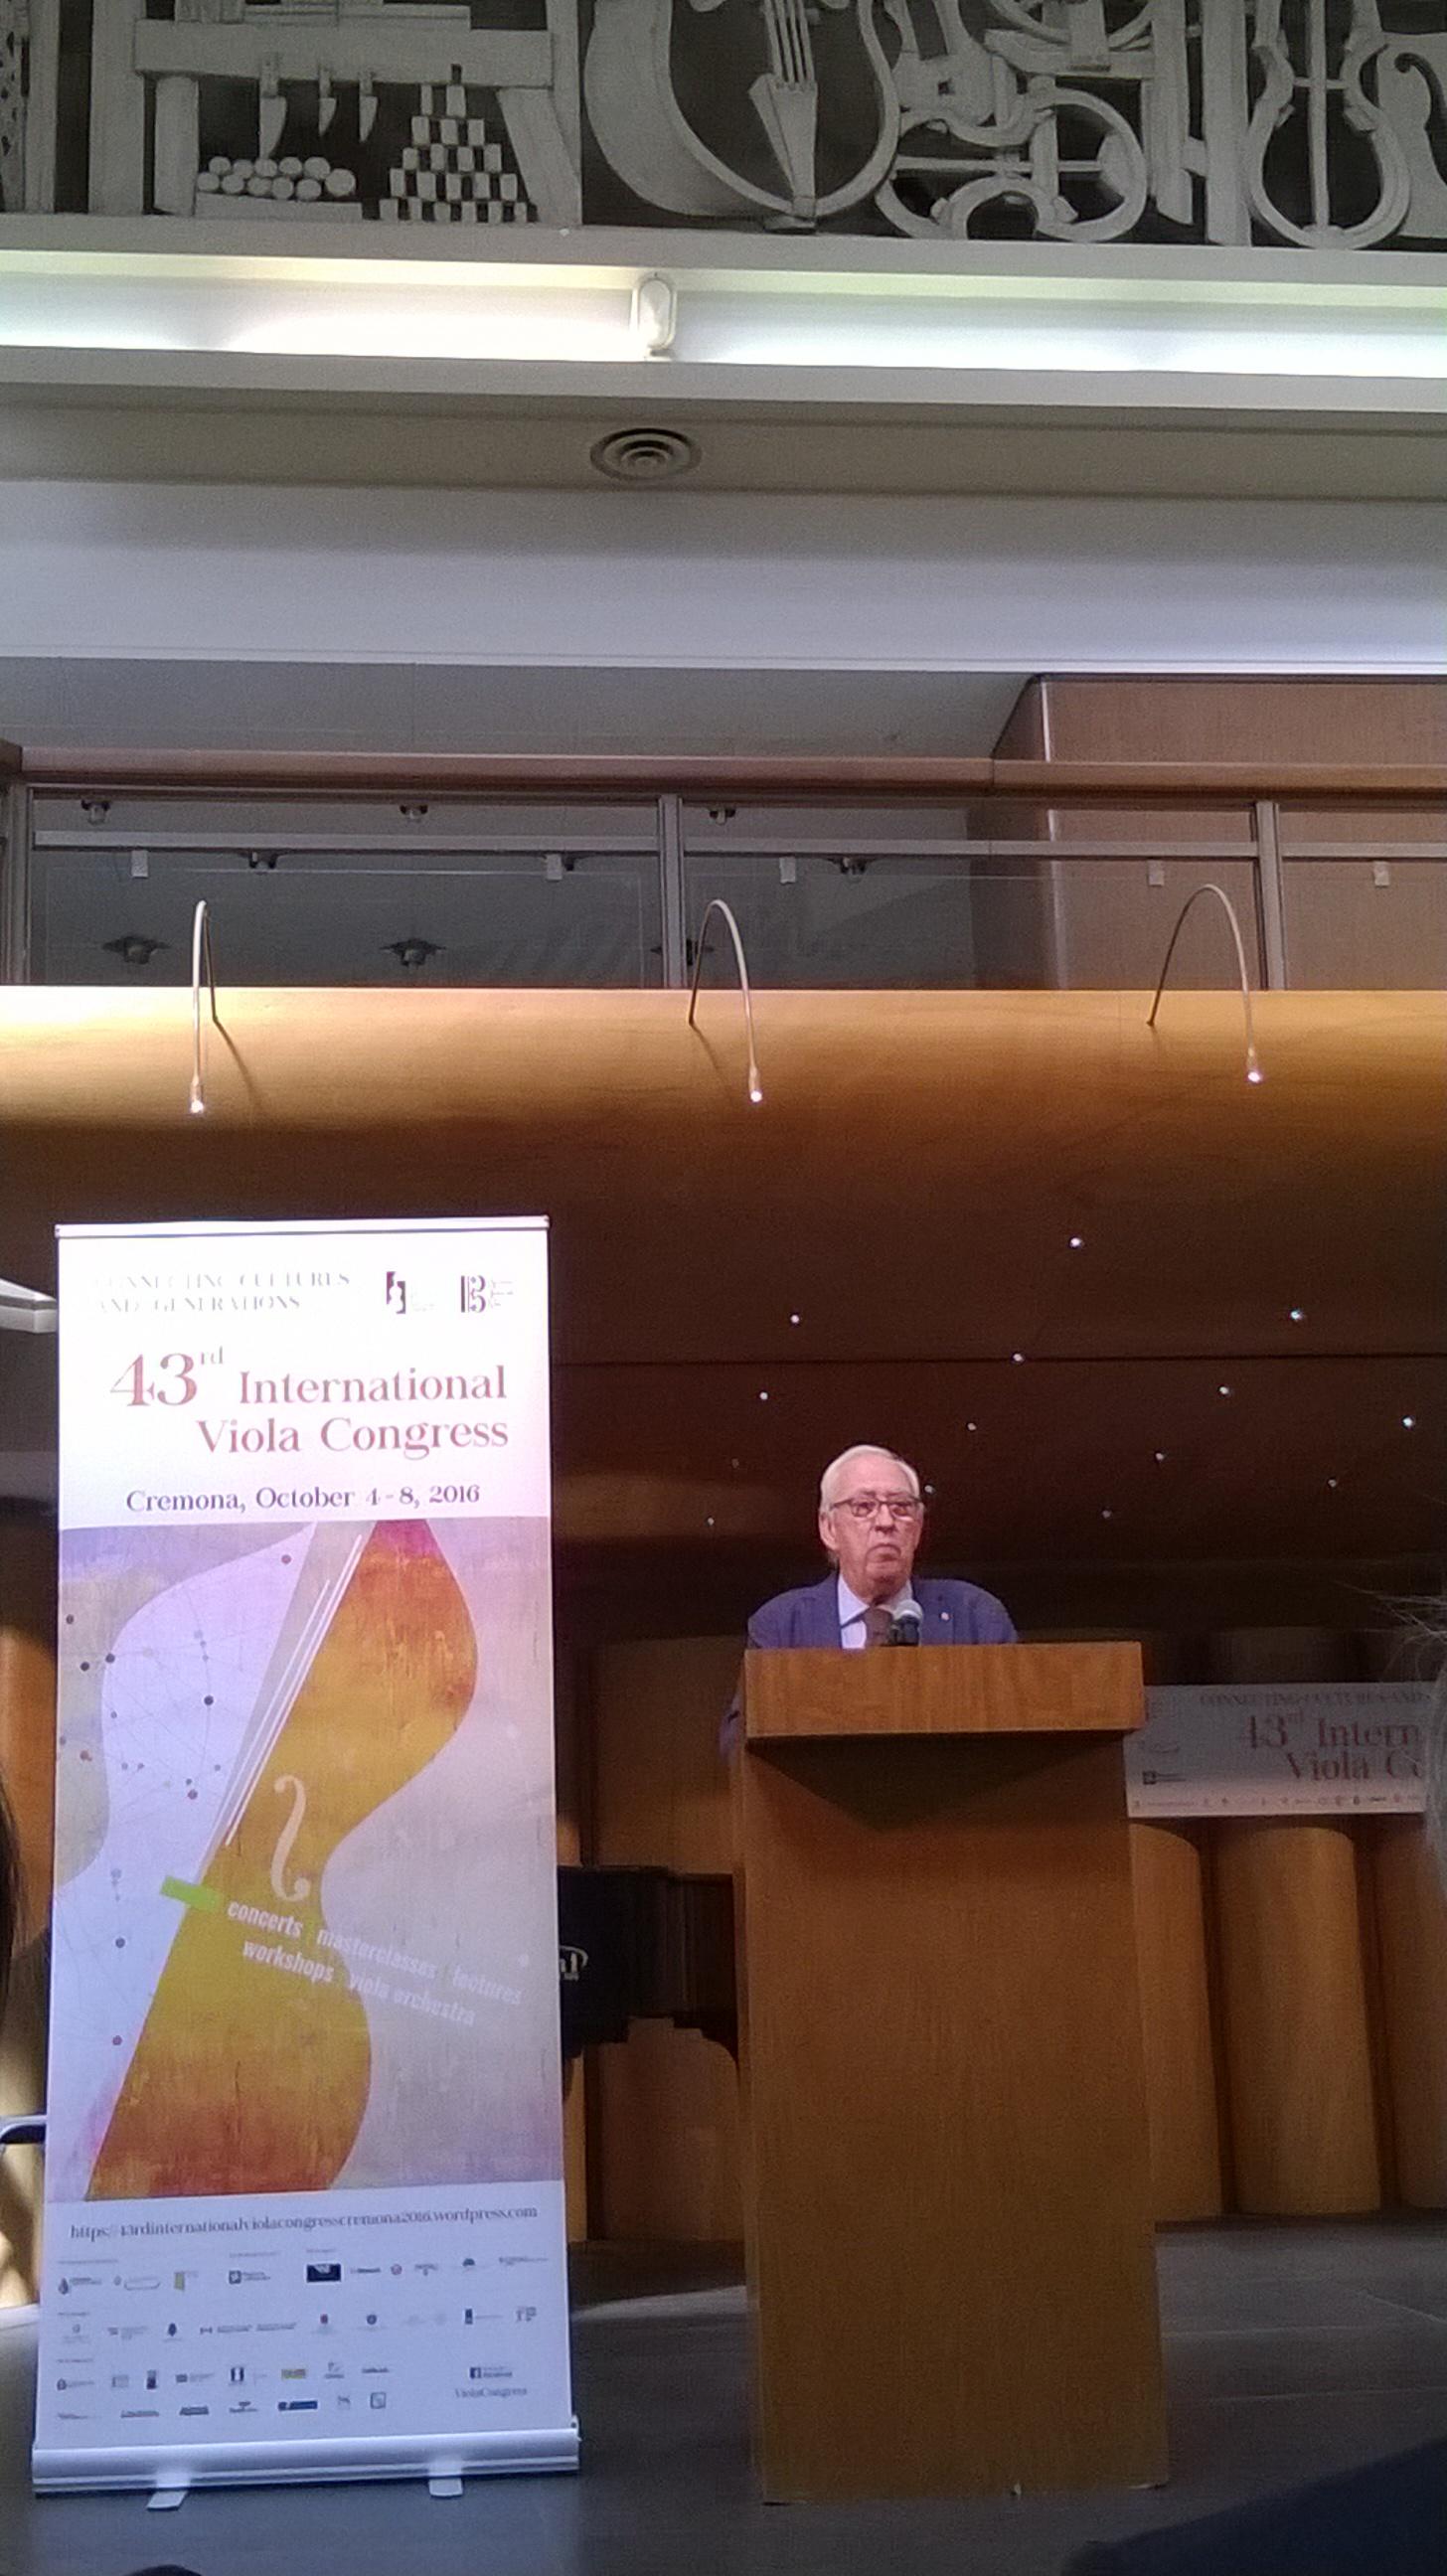 Il Maestro Bruno Giuranna apre il 43° Congresso Internazionale sulla Viola a Cremona